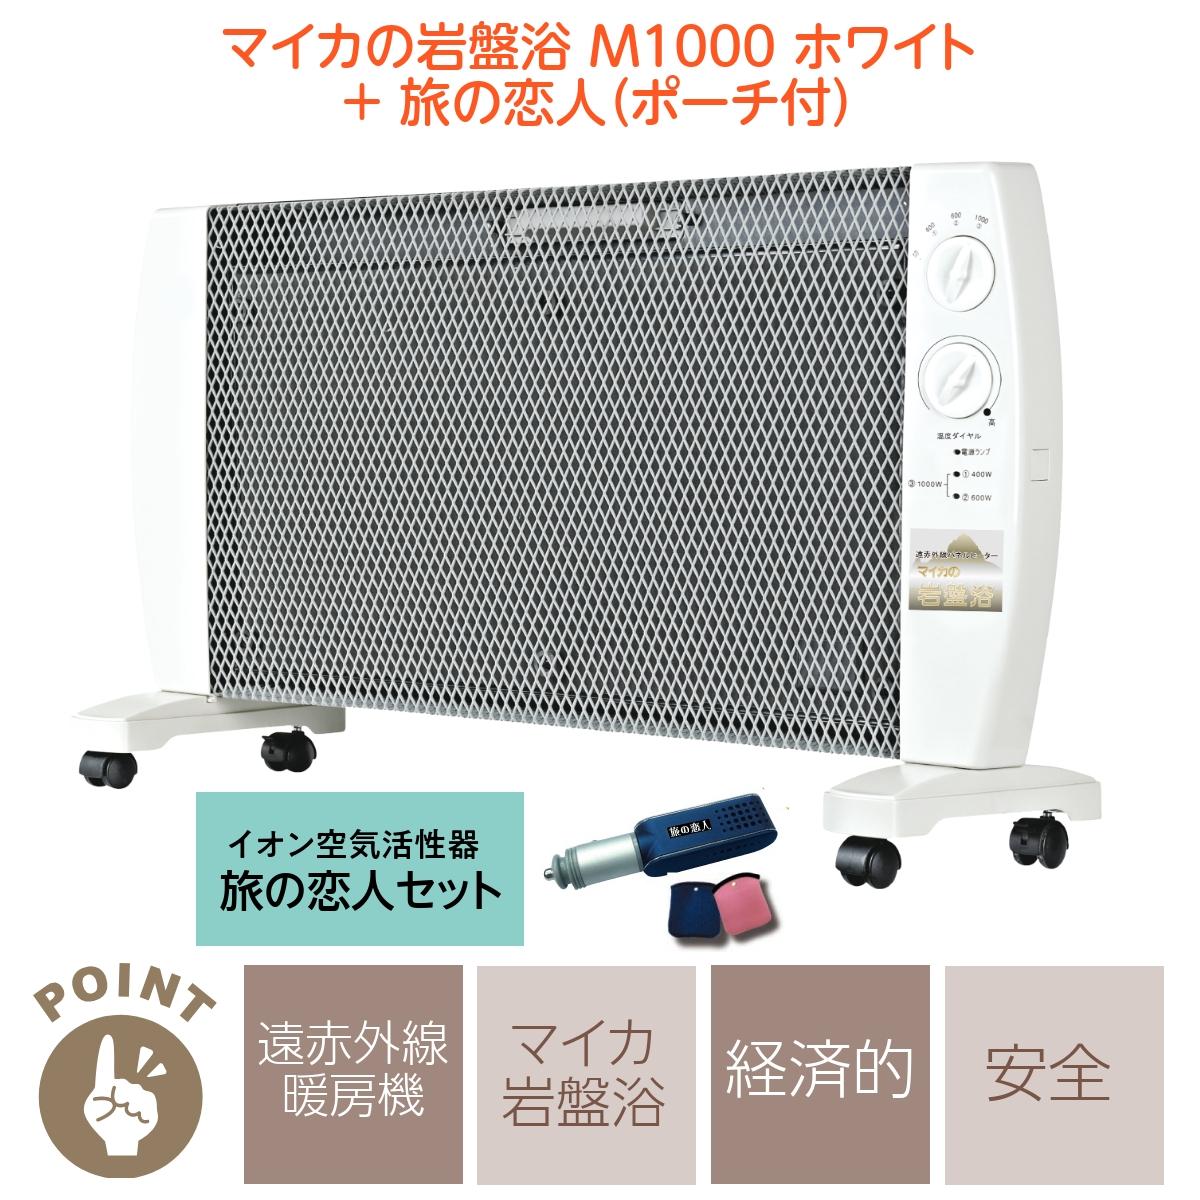 マイカの岩盤浴 M-1000 ホワイト + 旅の恋人(ポーチ付)  遠赤外線暖房機  株式会社エム・エイチ・シー